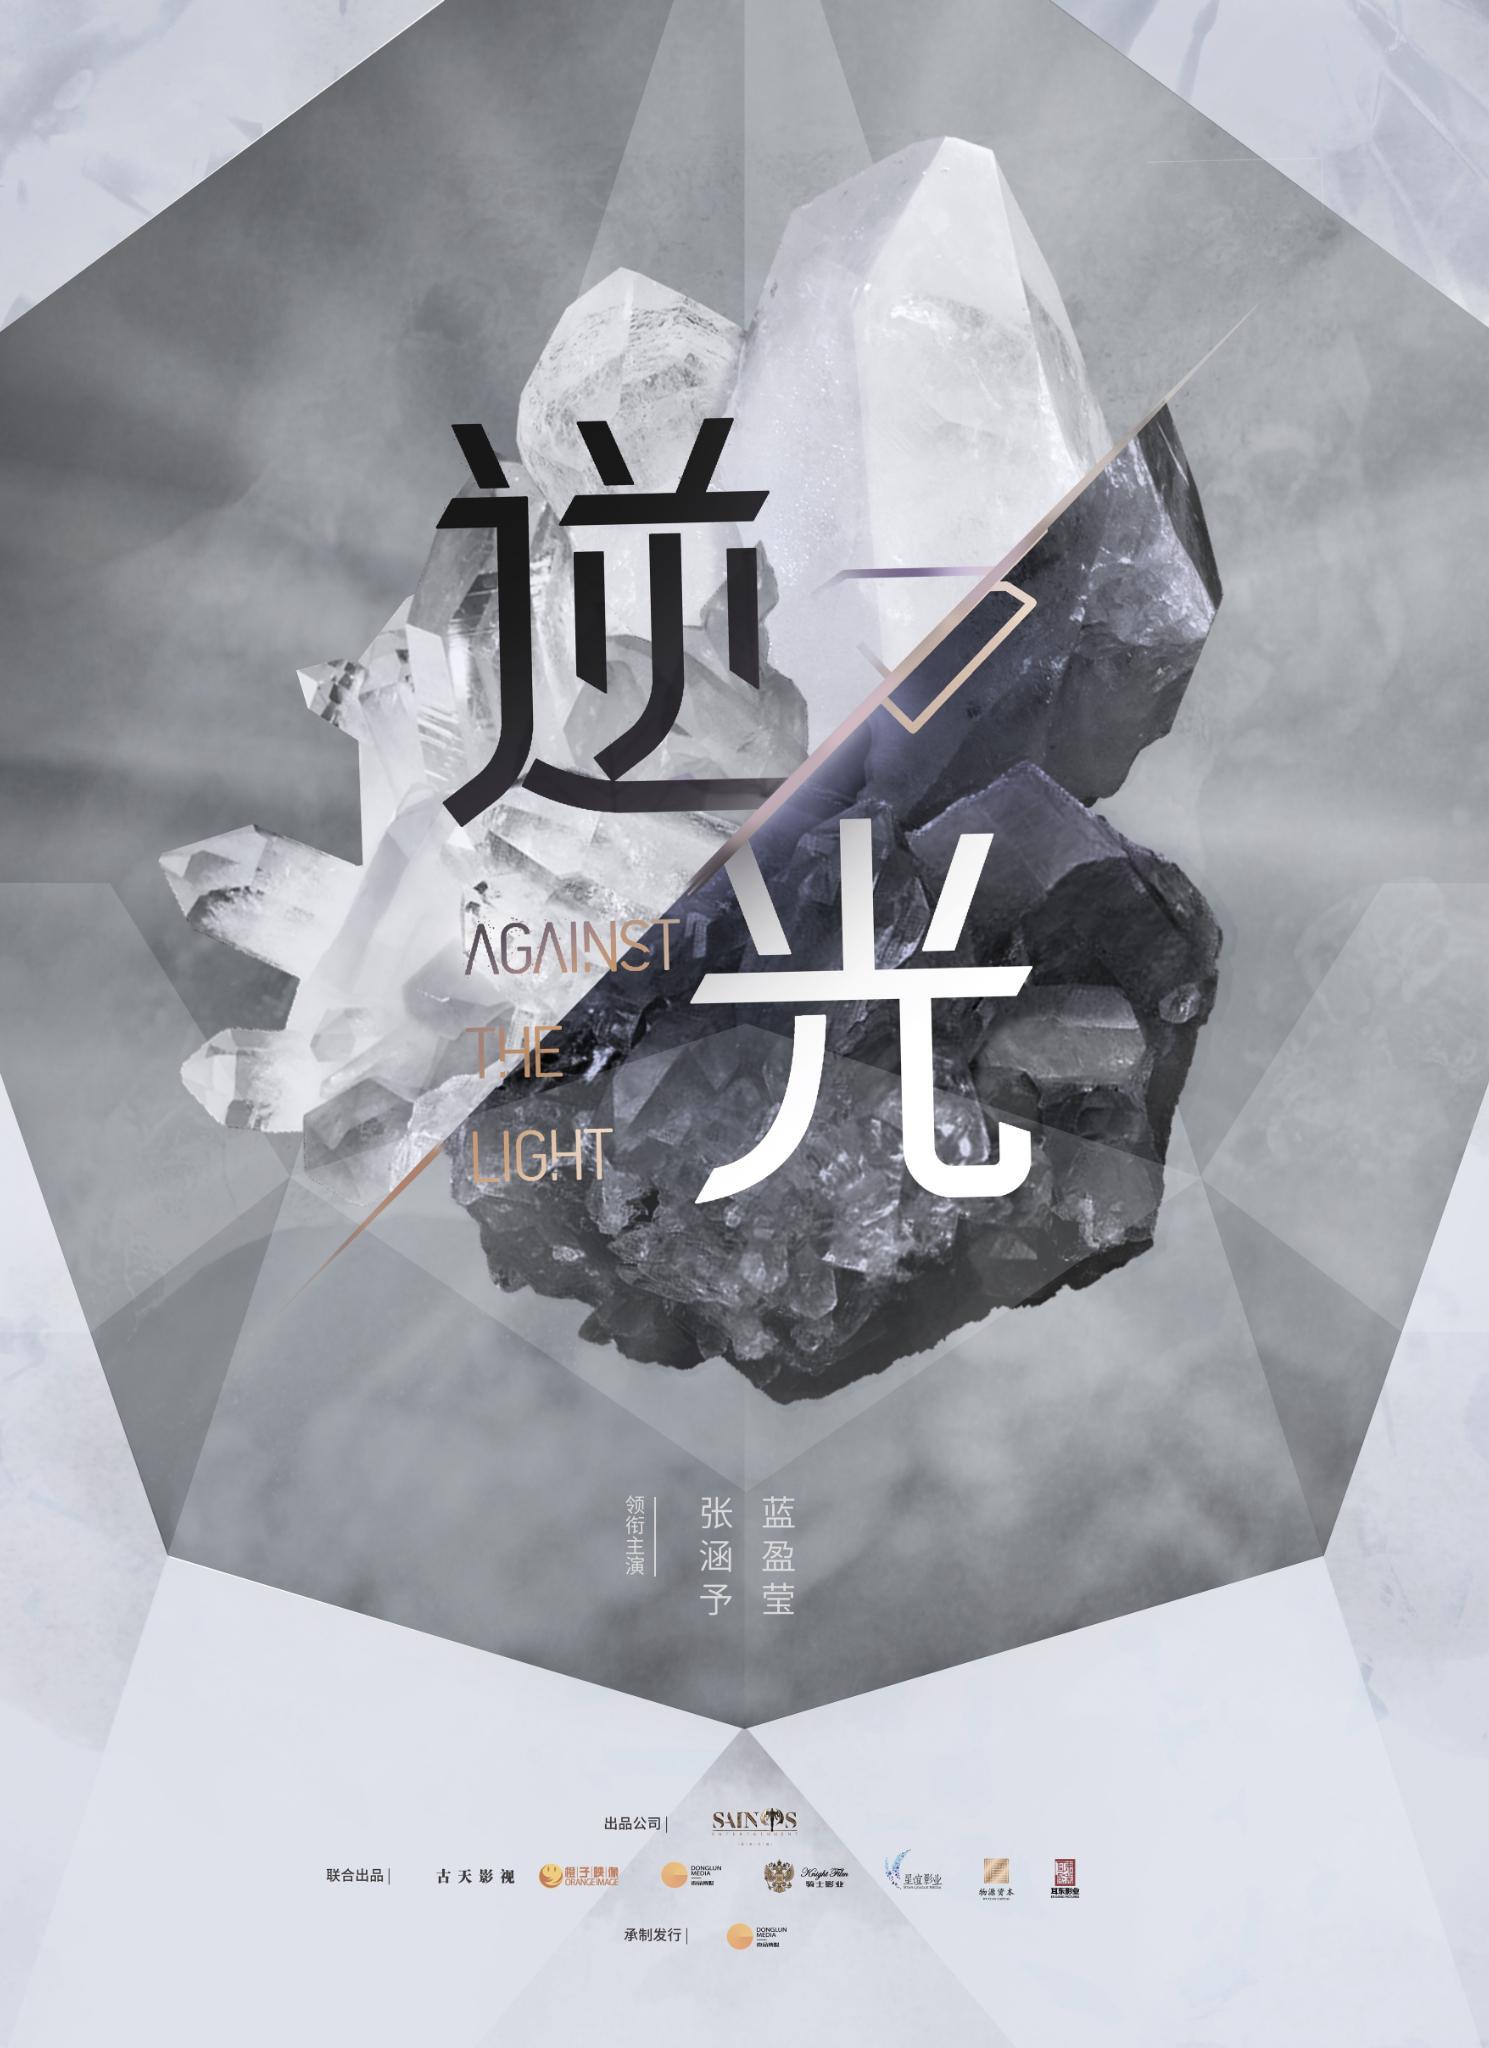 电视剧《逆光》黑白分明概念海报